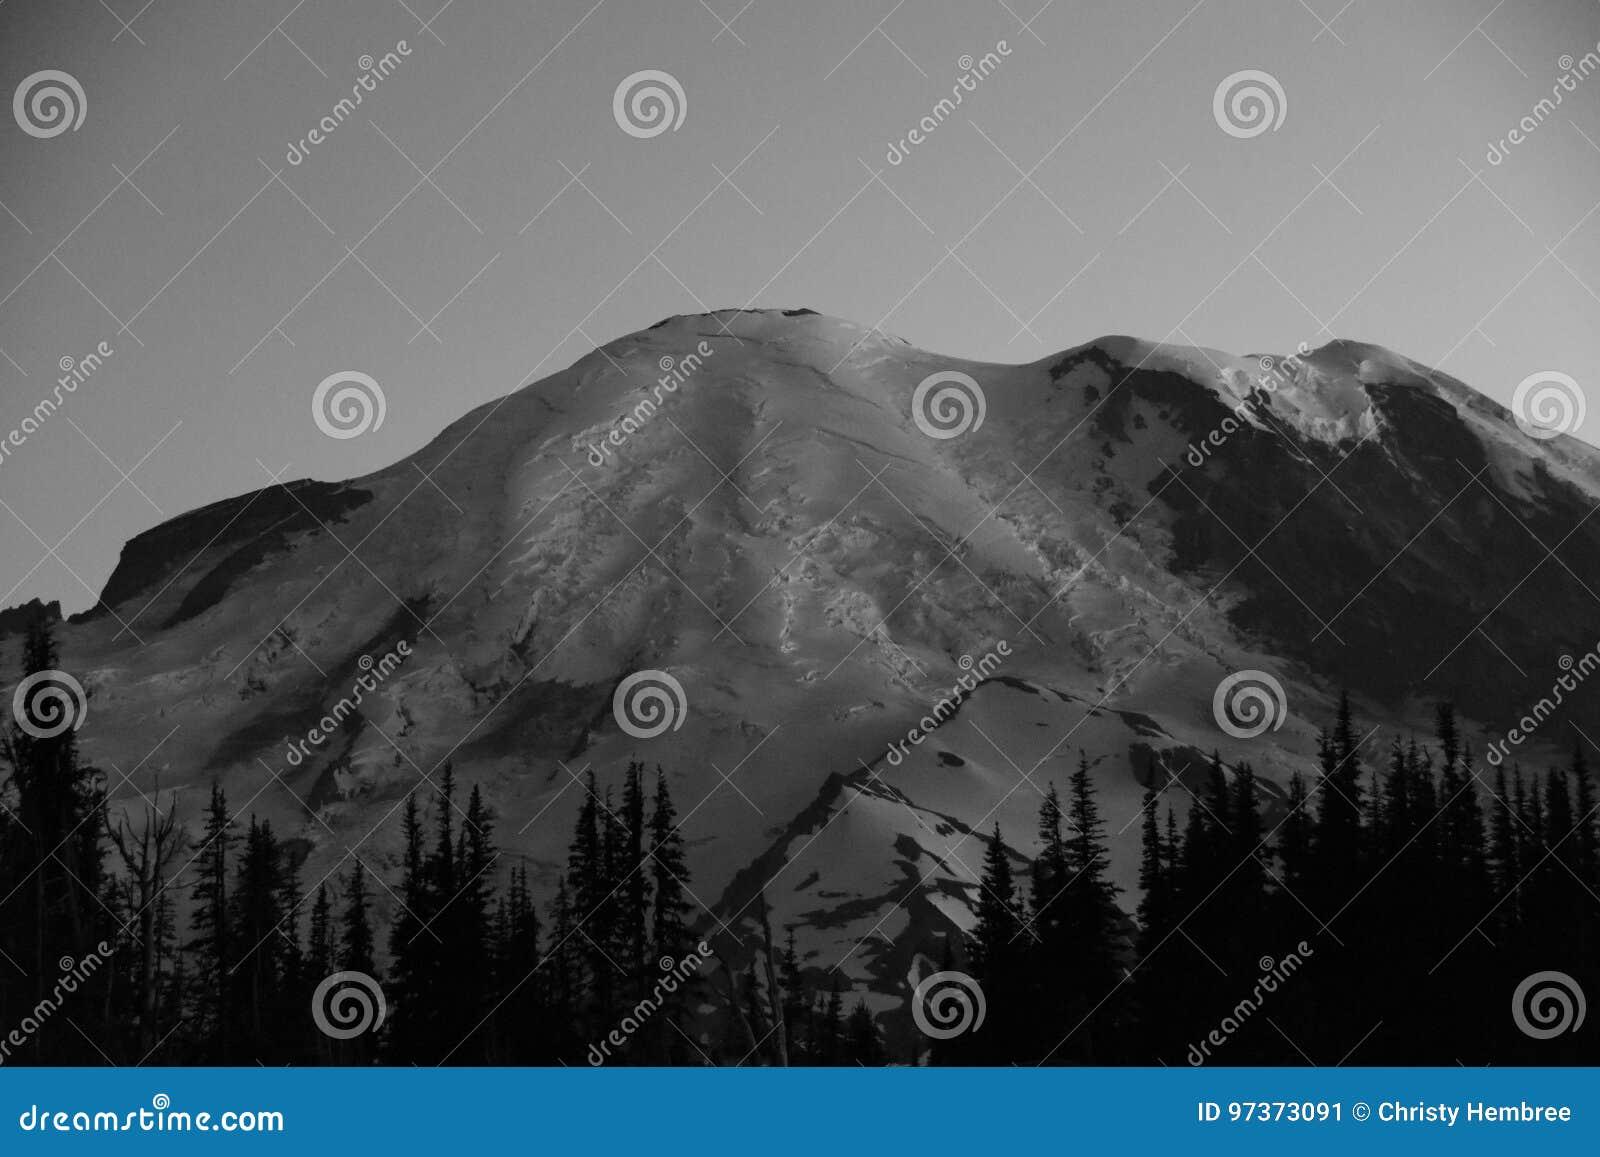 Silhueta do nascer do sol: Mt Rainier Head Shot Grey Tones, montagem Rainier National Park